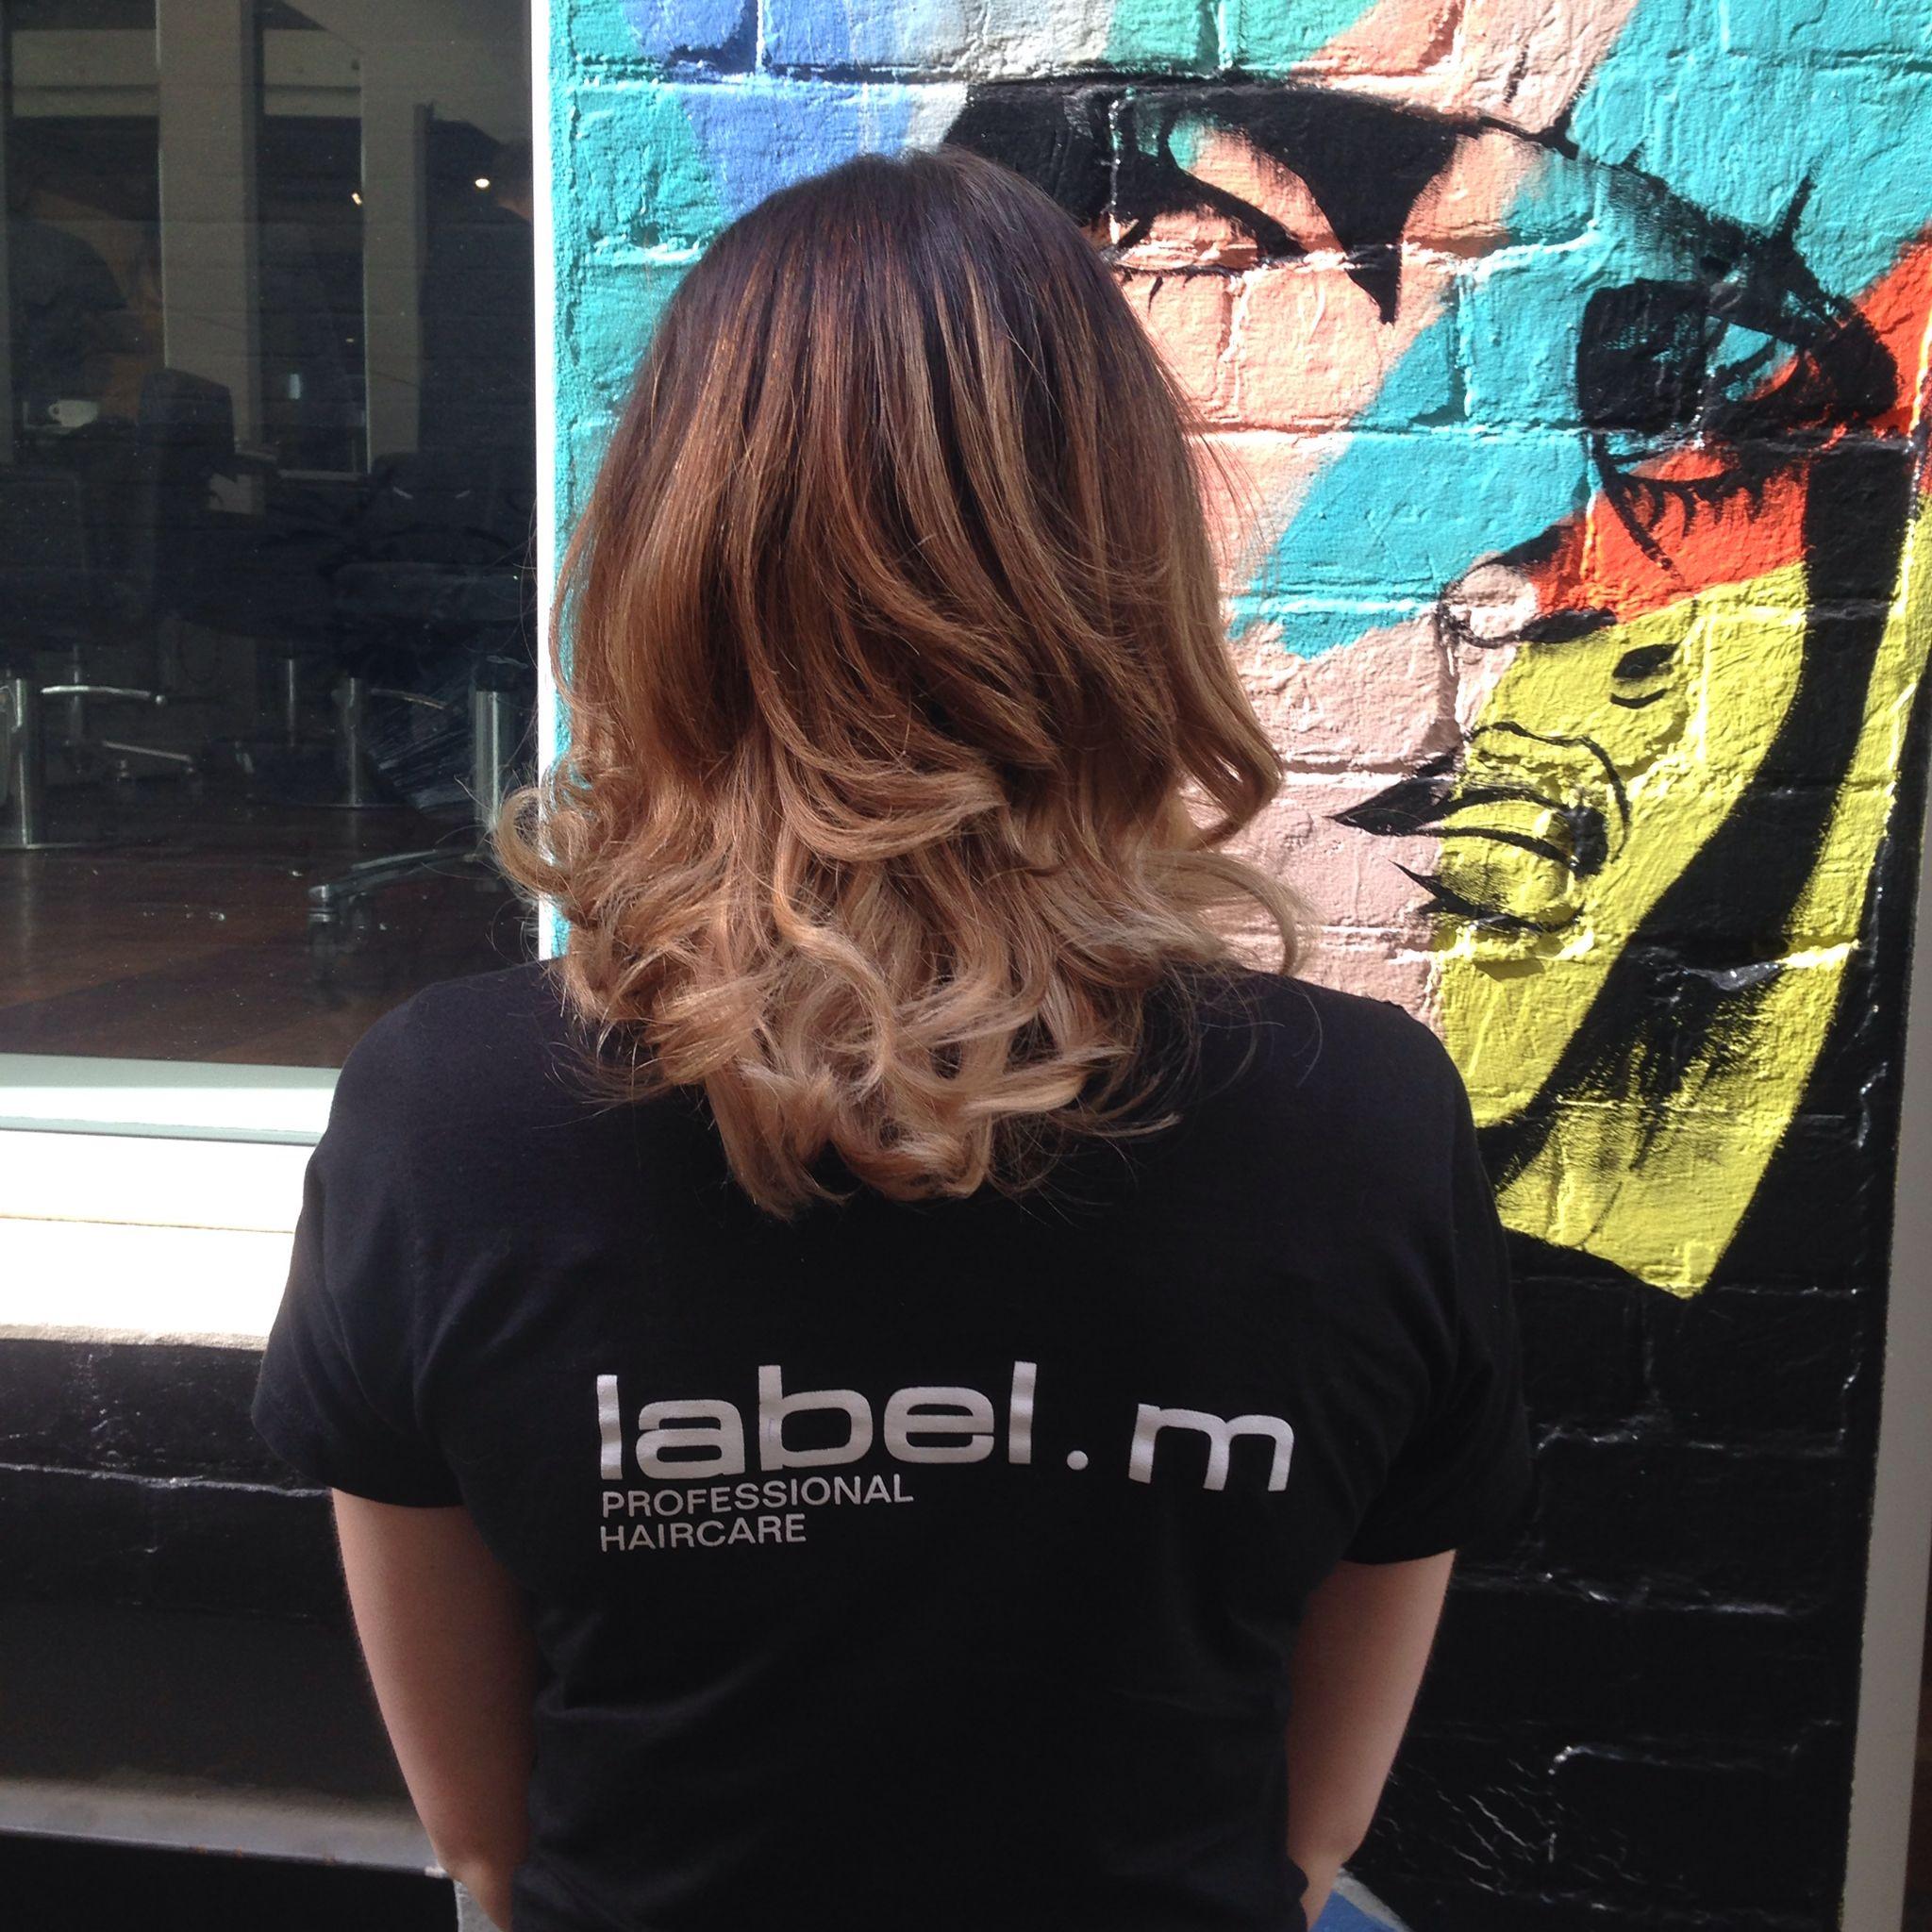 Perth Central Hair Salon Find the best hairdresser near